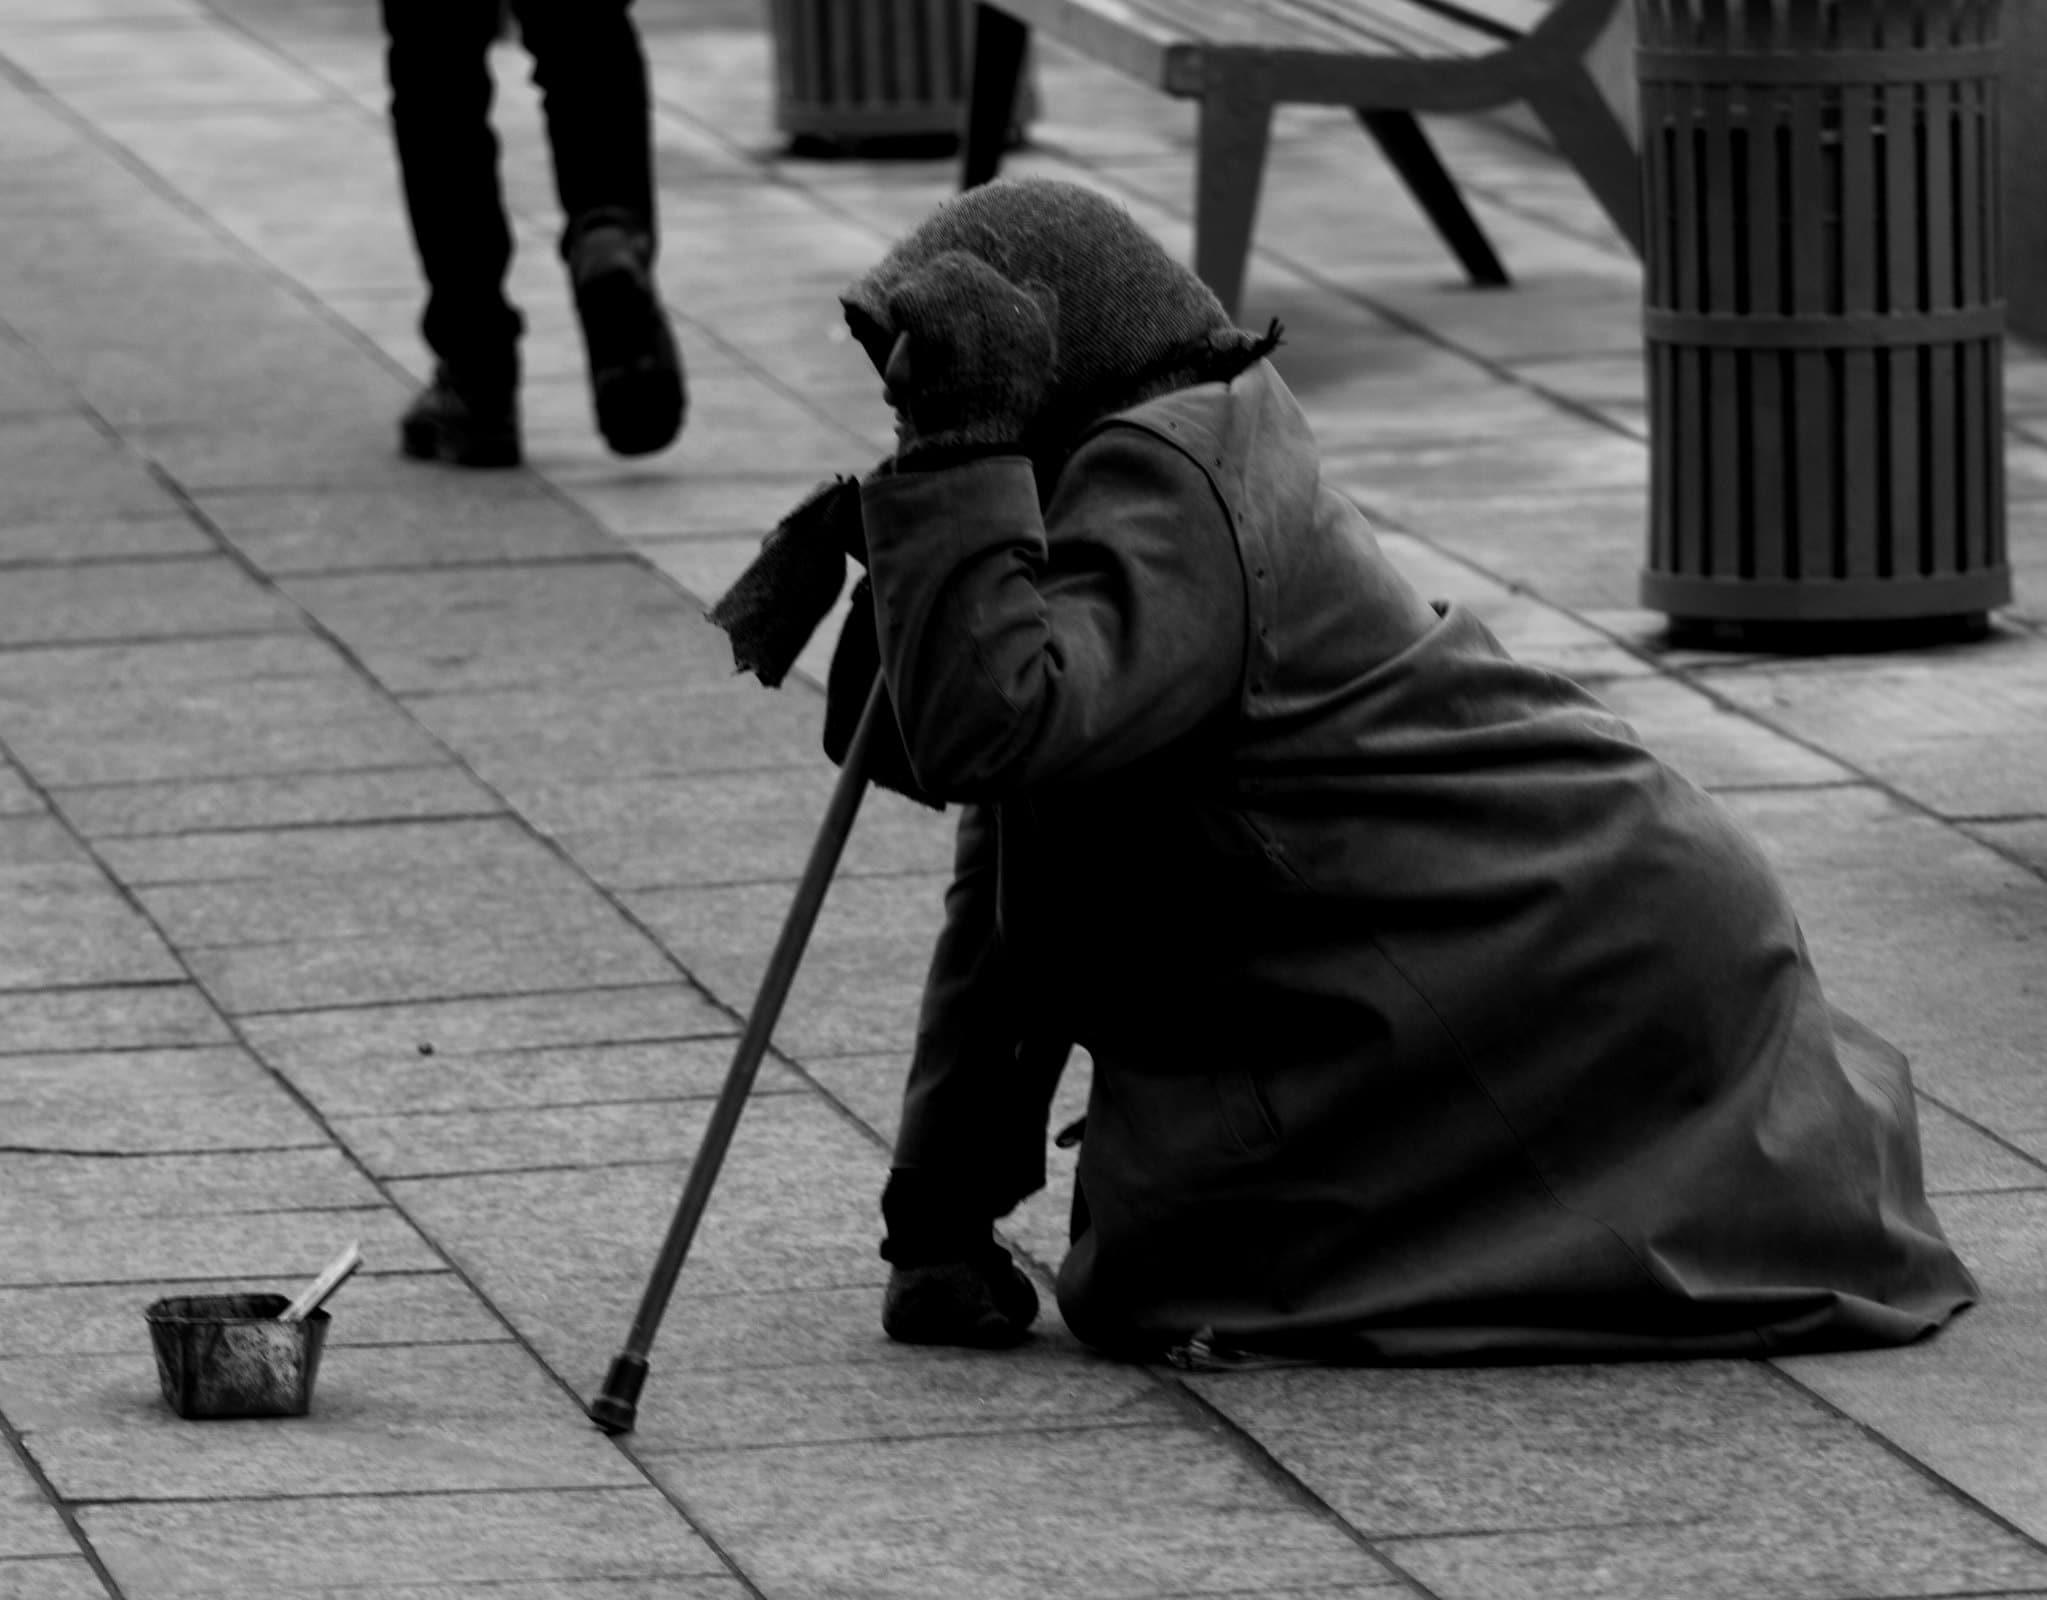 Мнение: бедность среди населения растет из-за закредитованности и высоких тарифов ЖКХ